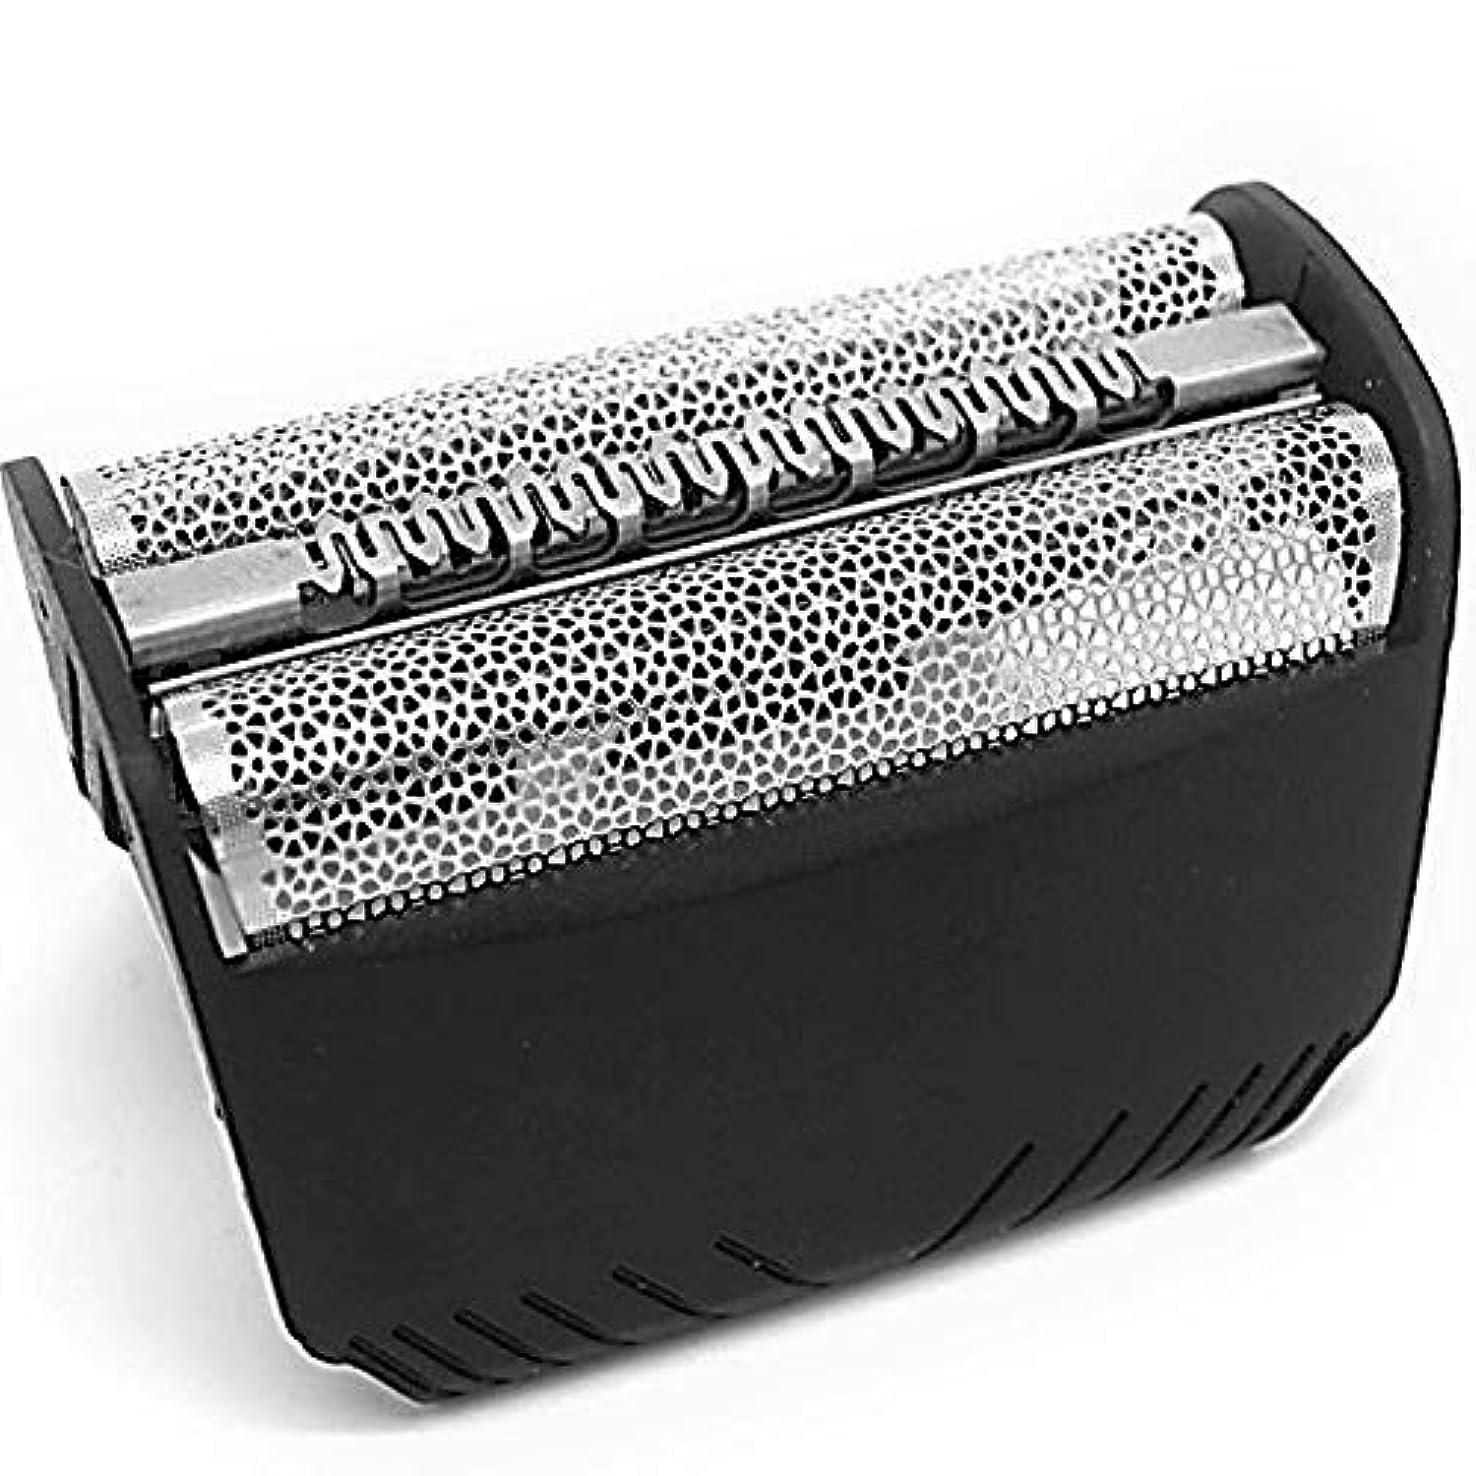 カートリッジリングレット旧正月ブラウン BRAUN シェーバー替刃 F/C30B 網刃 シリーズ1 スマートコントロール 互換品 mmokku